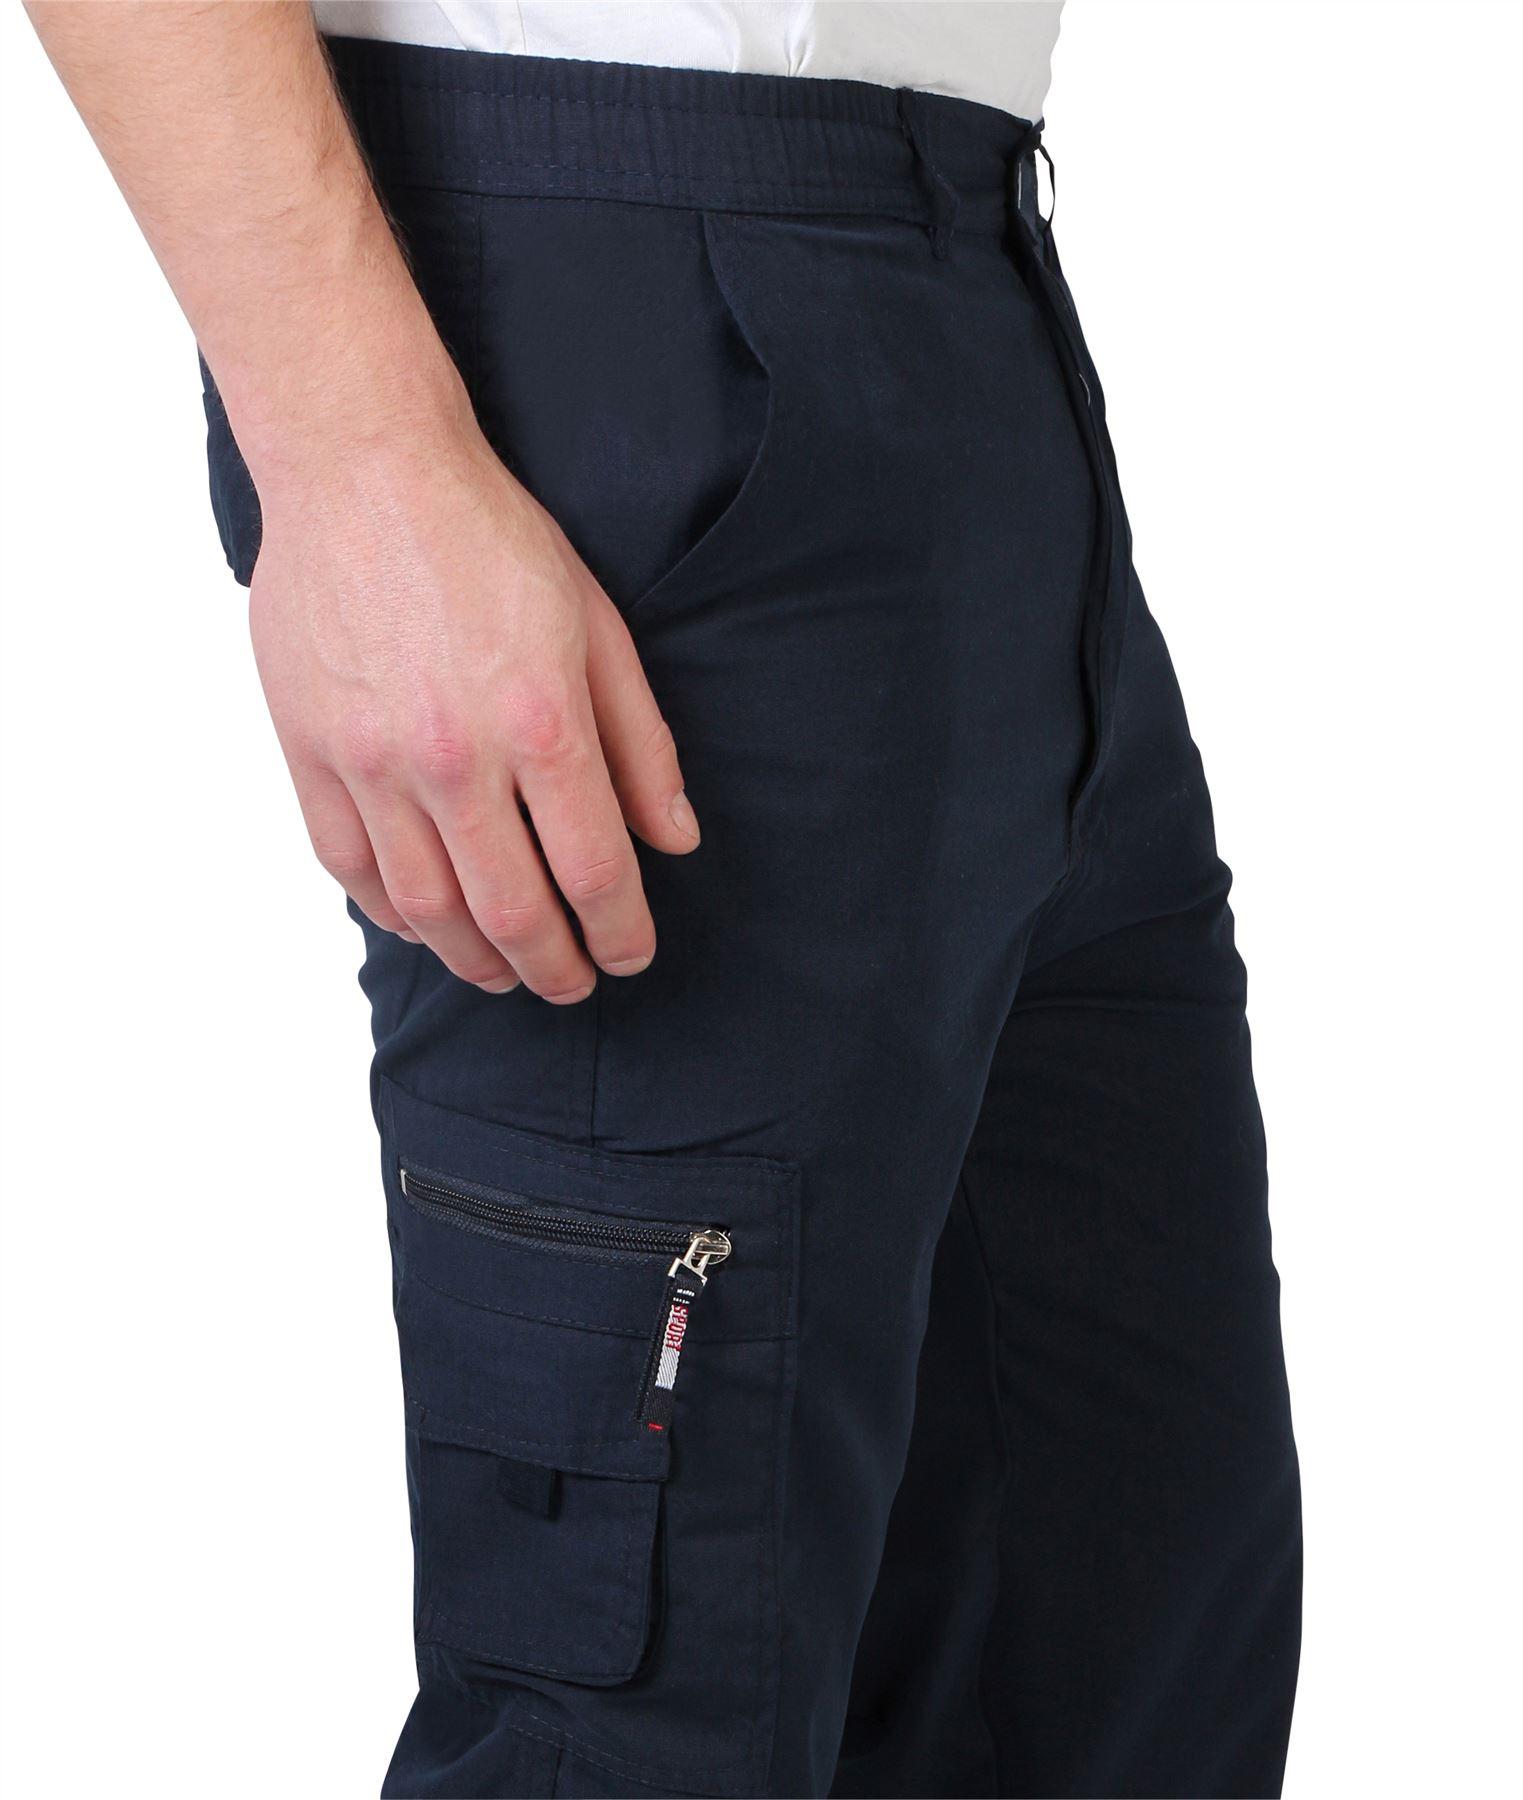 Uomo-Militare-Cargo-Pantaloni-Cotone-Lavoro-Chino-Casual-Kaki miniatura 24